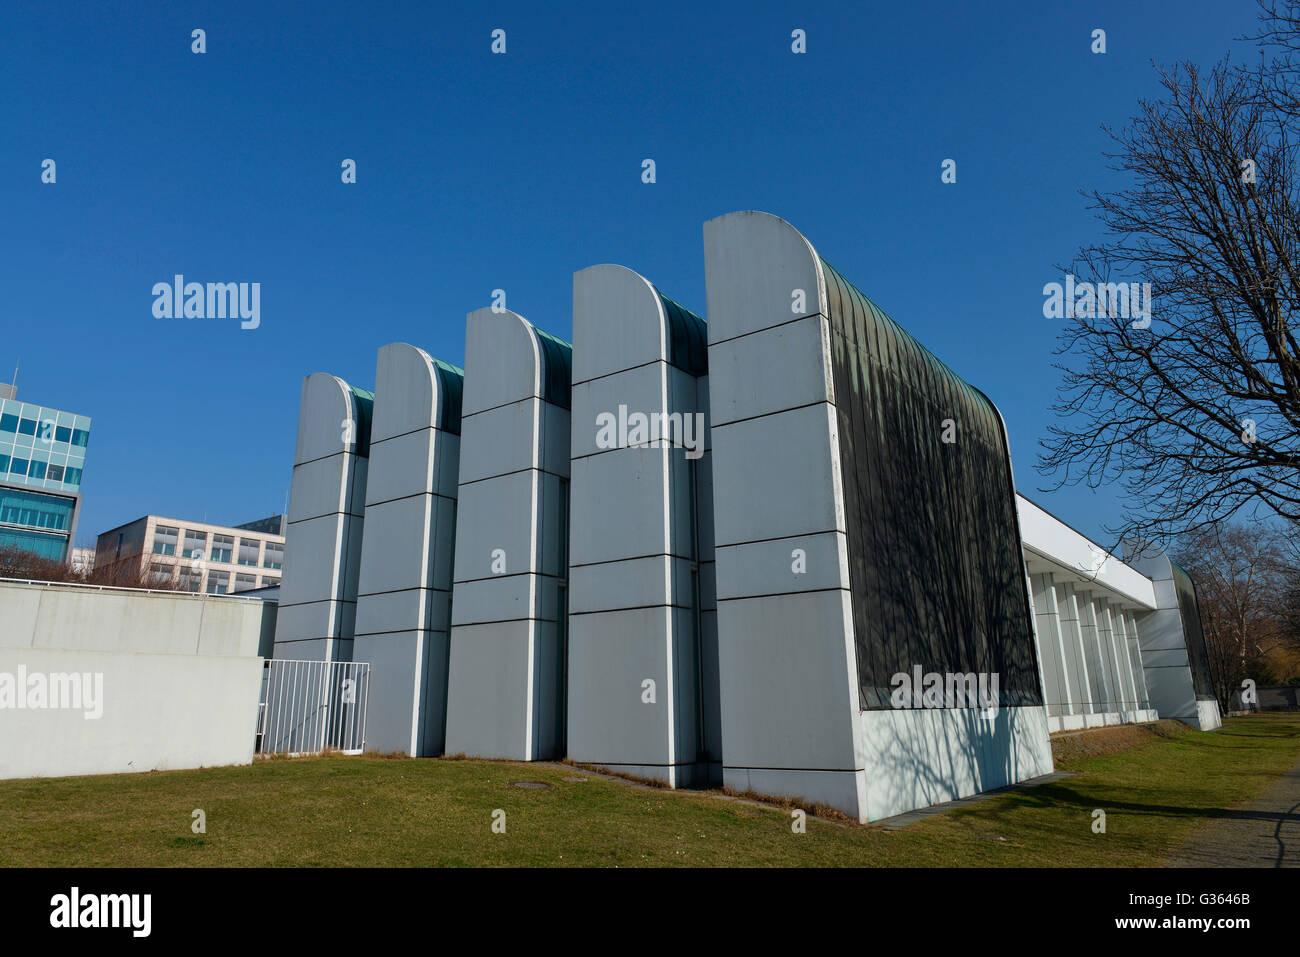 Bauhausarchiv, Museum fuer Gestaltung, Klingelhoeferstrasse, Tiergarten, Berlin, Deutschland / Klingelhöferstrasse - Stock Image